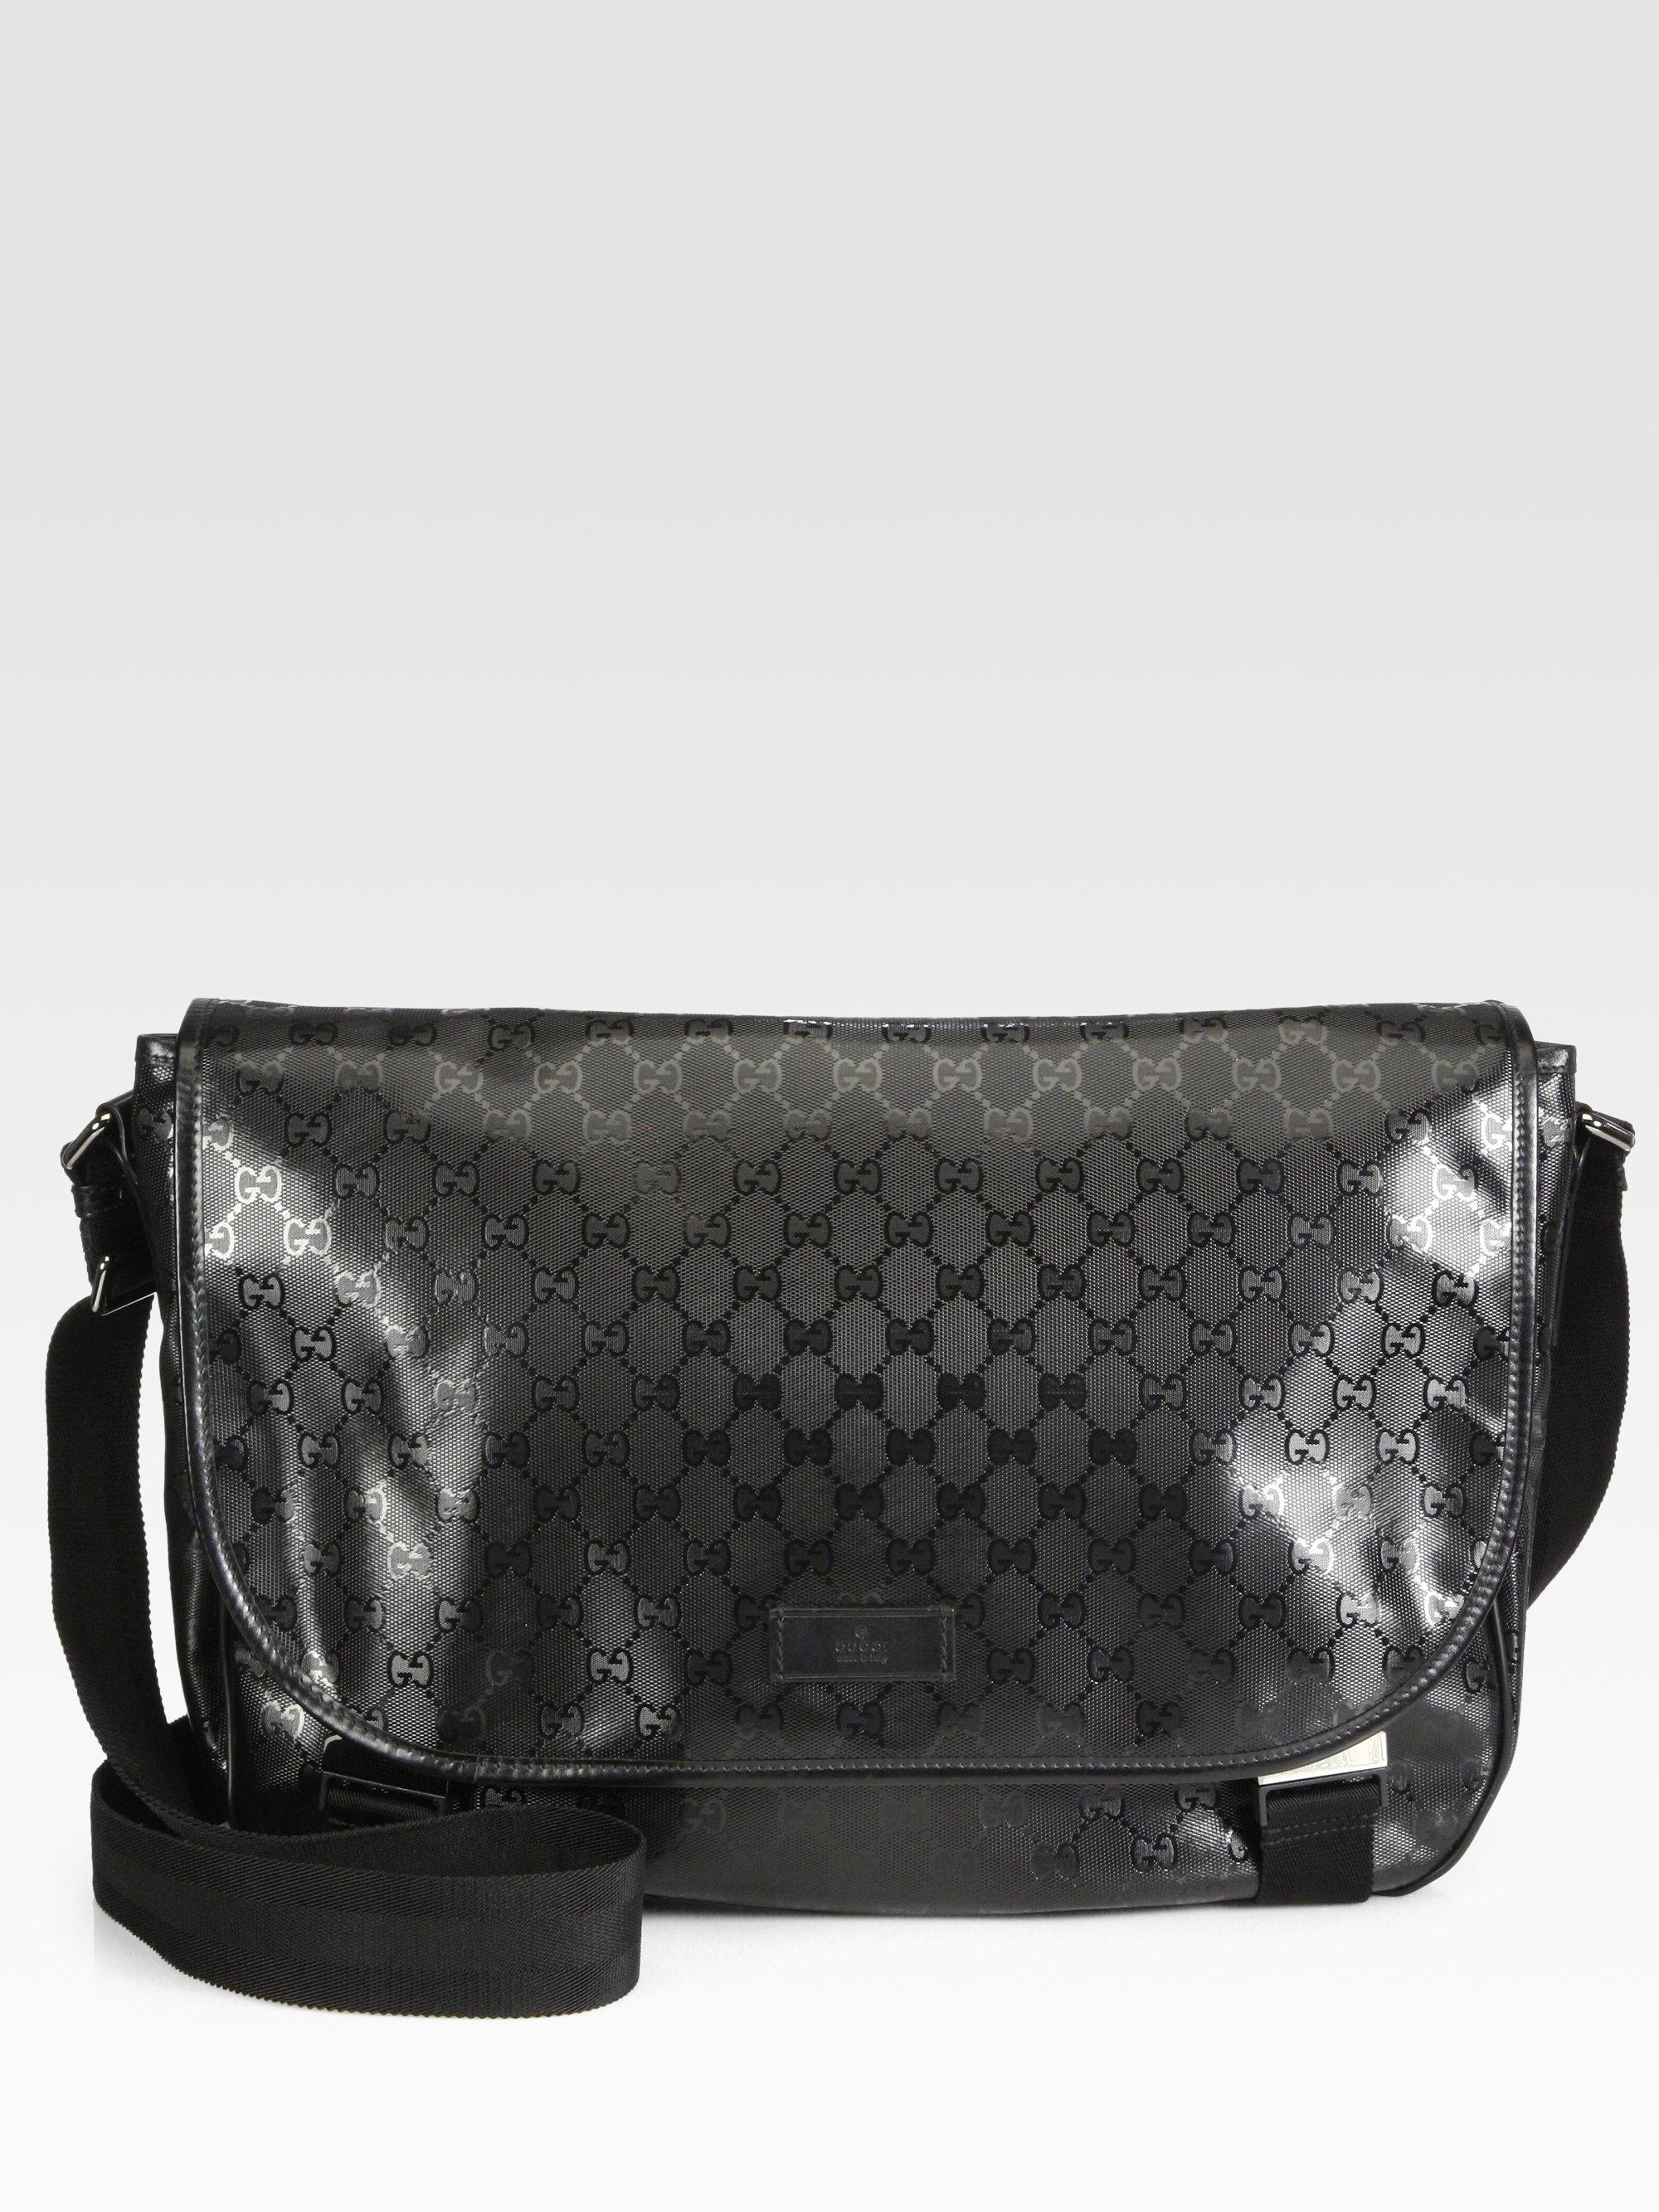 lyst gucci logo messenger bag in black for men. Black Bedroom Furniture Sets. Home Design Ideas